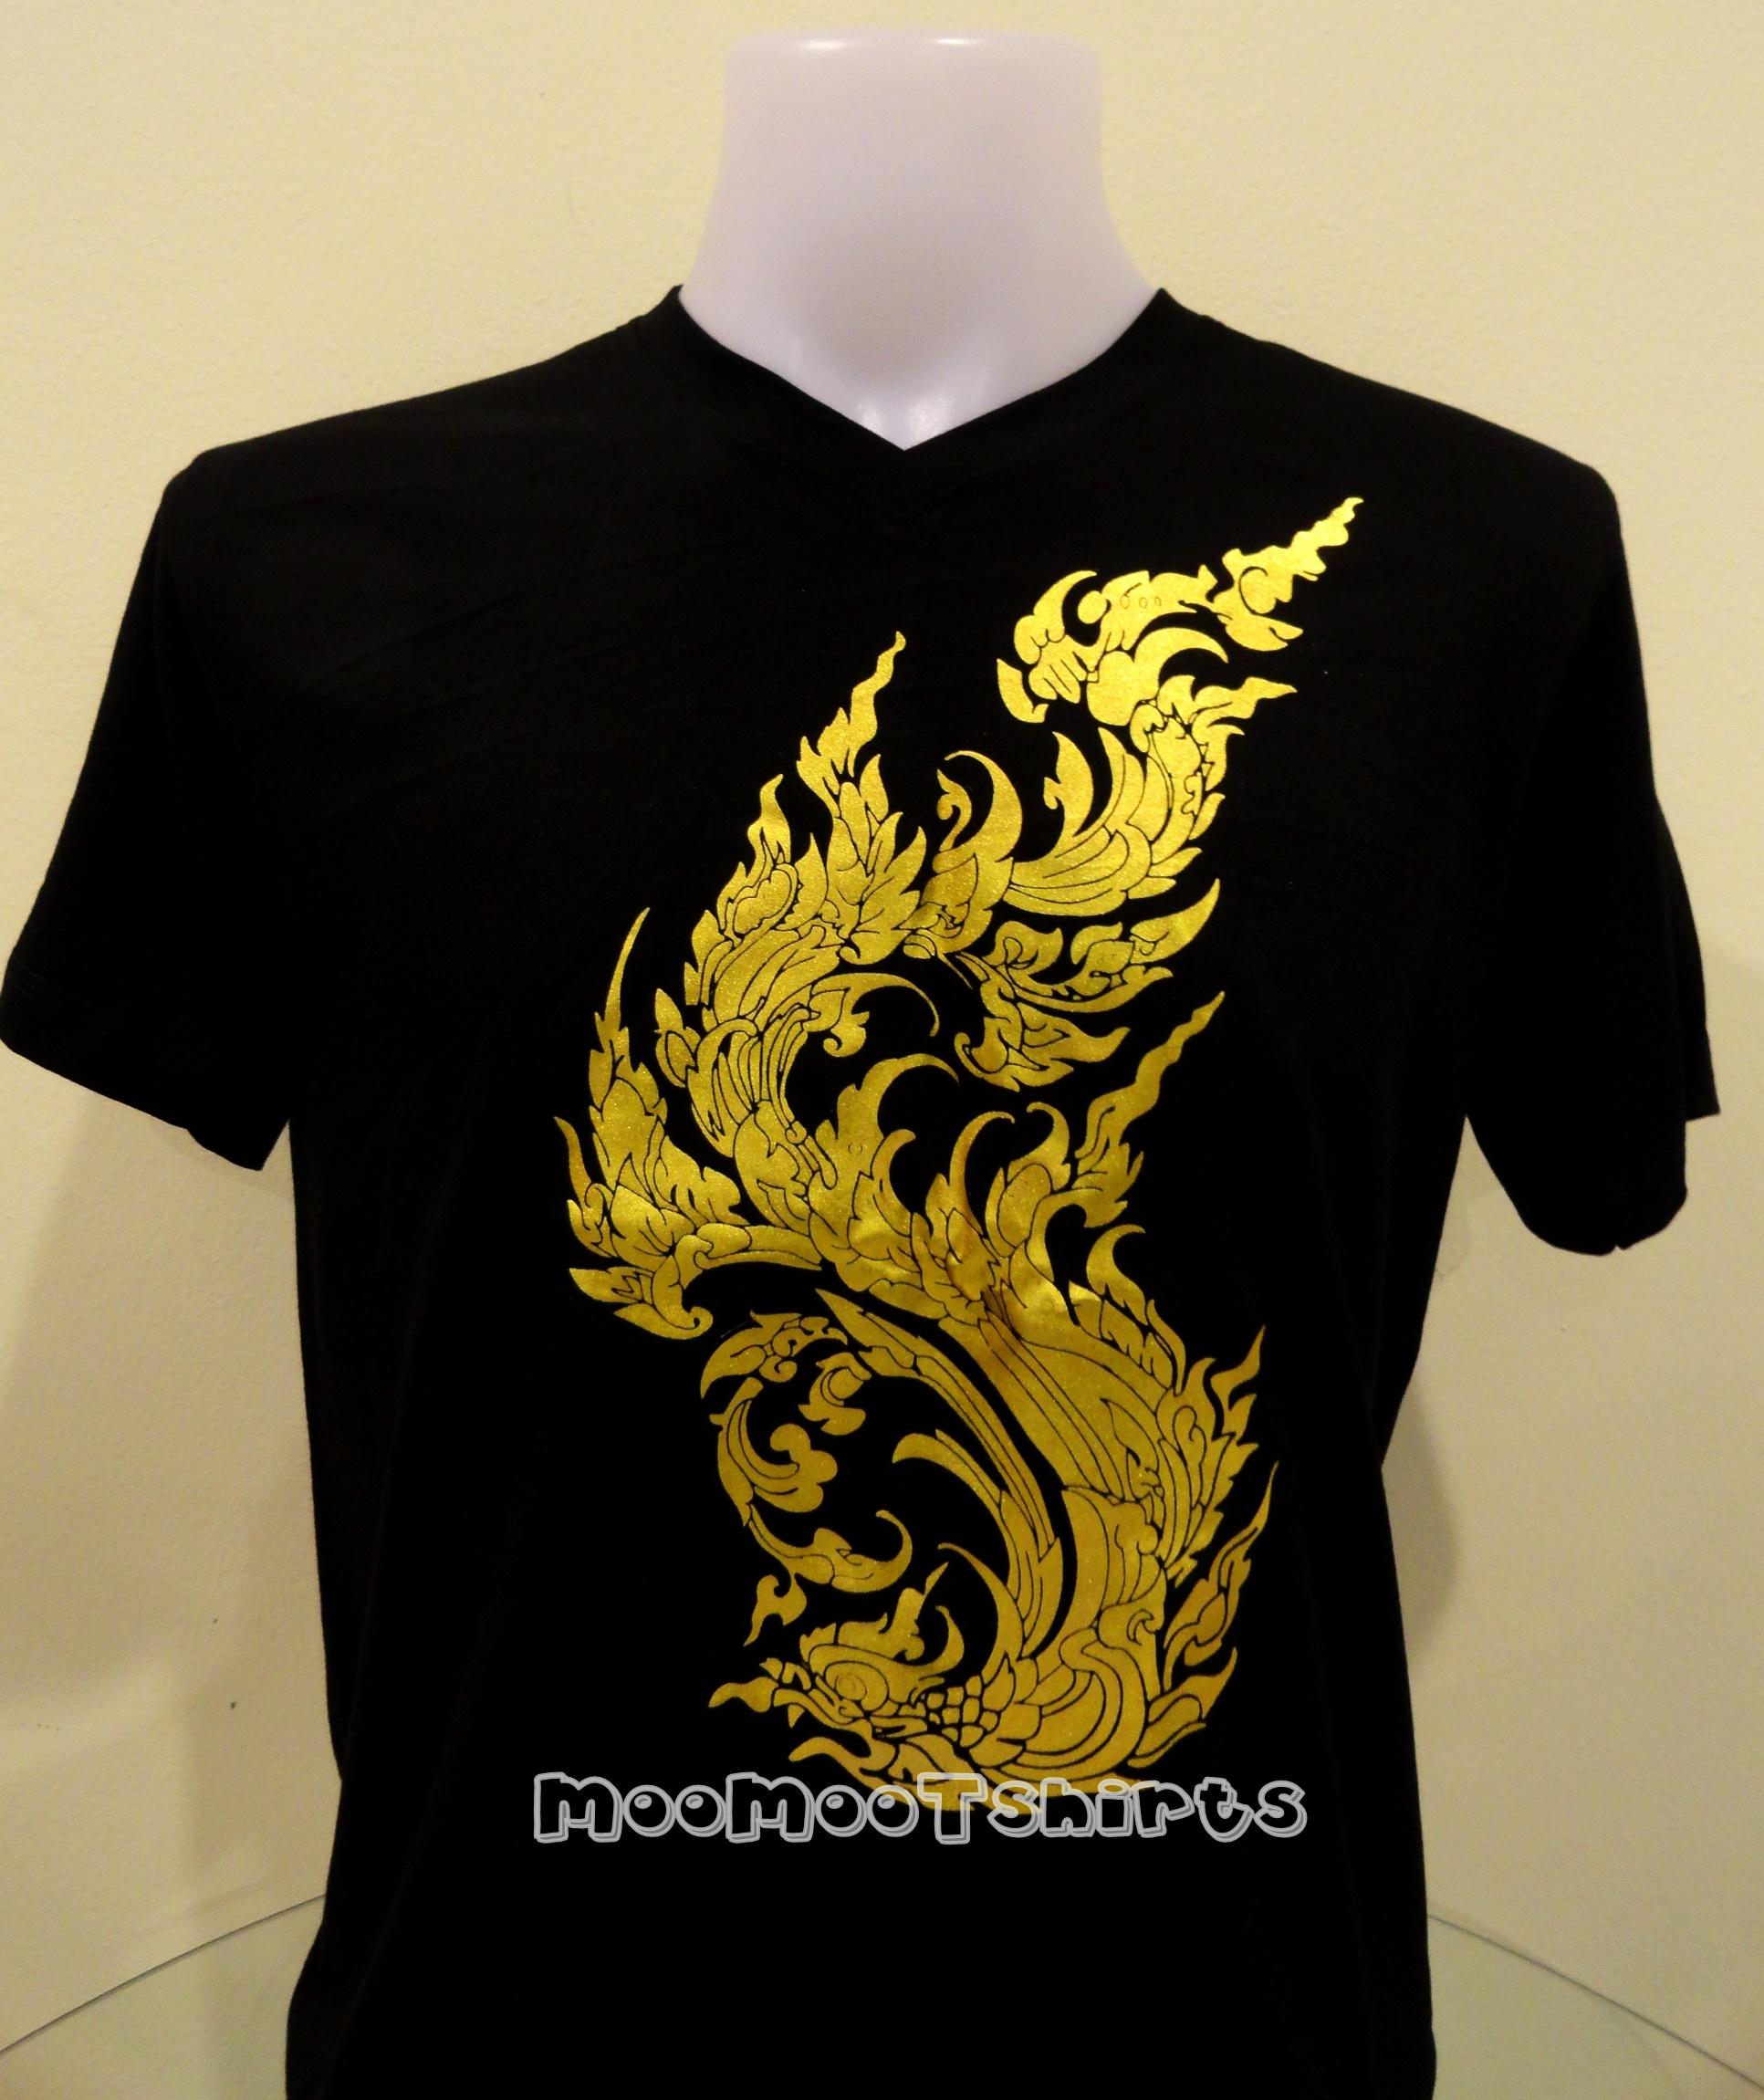 เสื้อดำพิมพ์ลายสีทอง ลายไทย งานแบบบล็อคสกรีน หรือซิลด์สกรีนสวยๆ